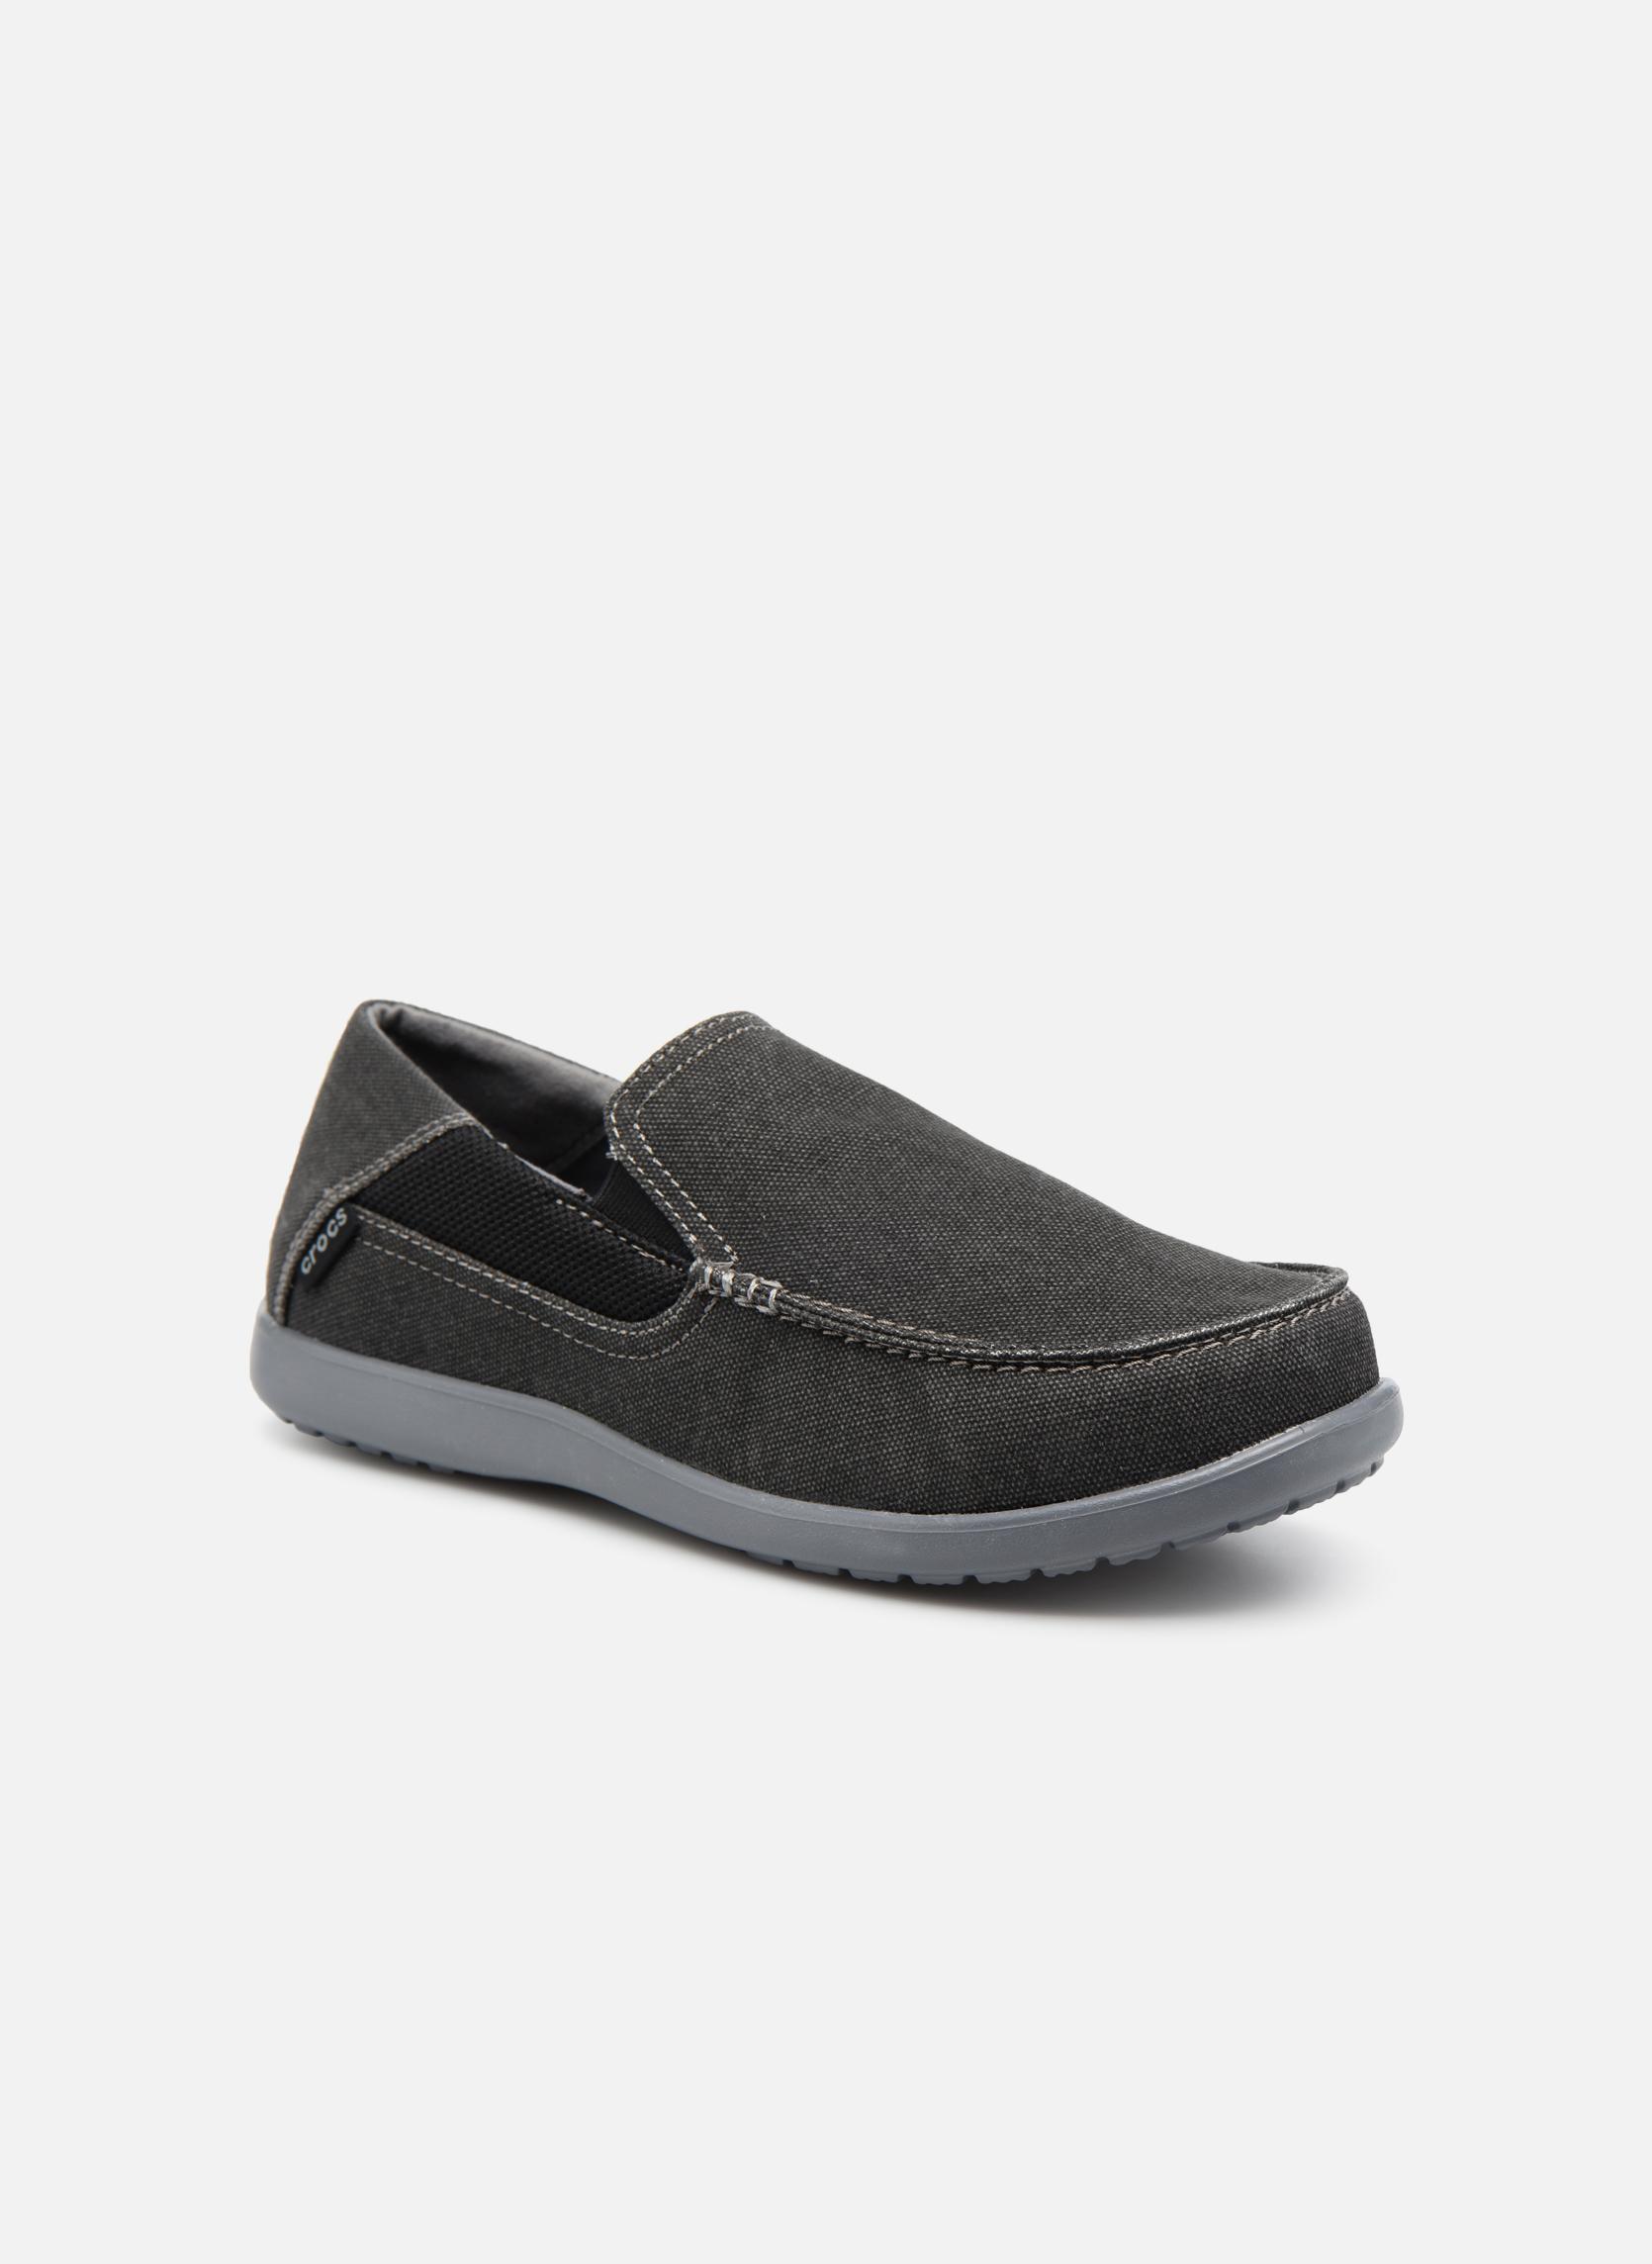 Sneaker Herren Santa Cruz 2 Luxe M